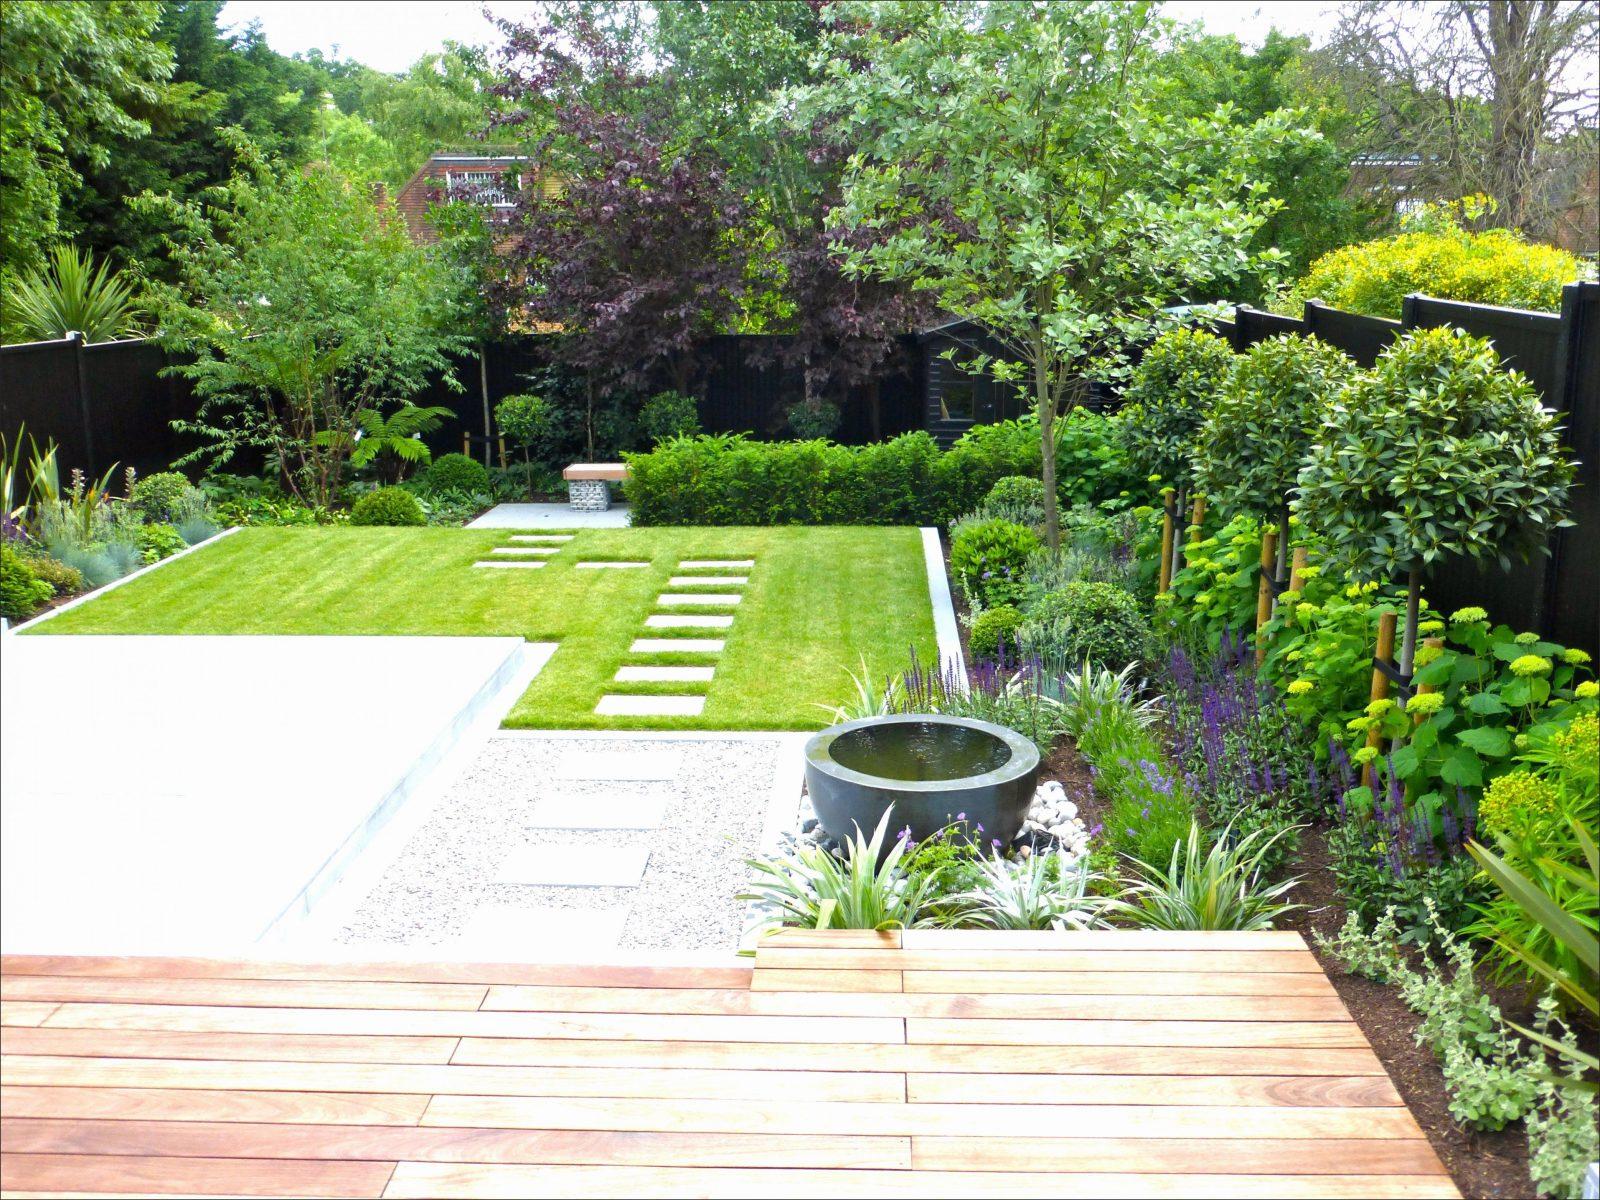 Gartengestaltung mit steinen und kies bilder impressum baum best von garten mit kies bilder bild - Gartengestaltung mit steinen und kies bilder ...